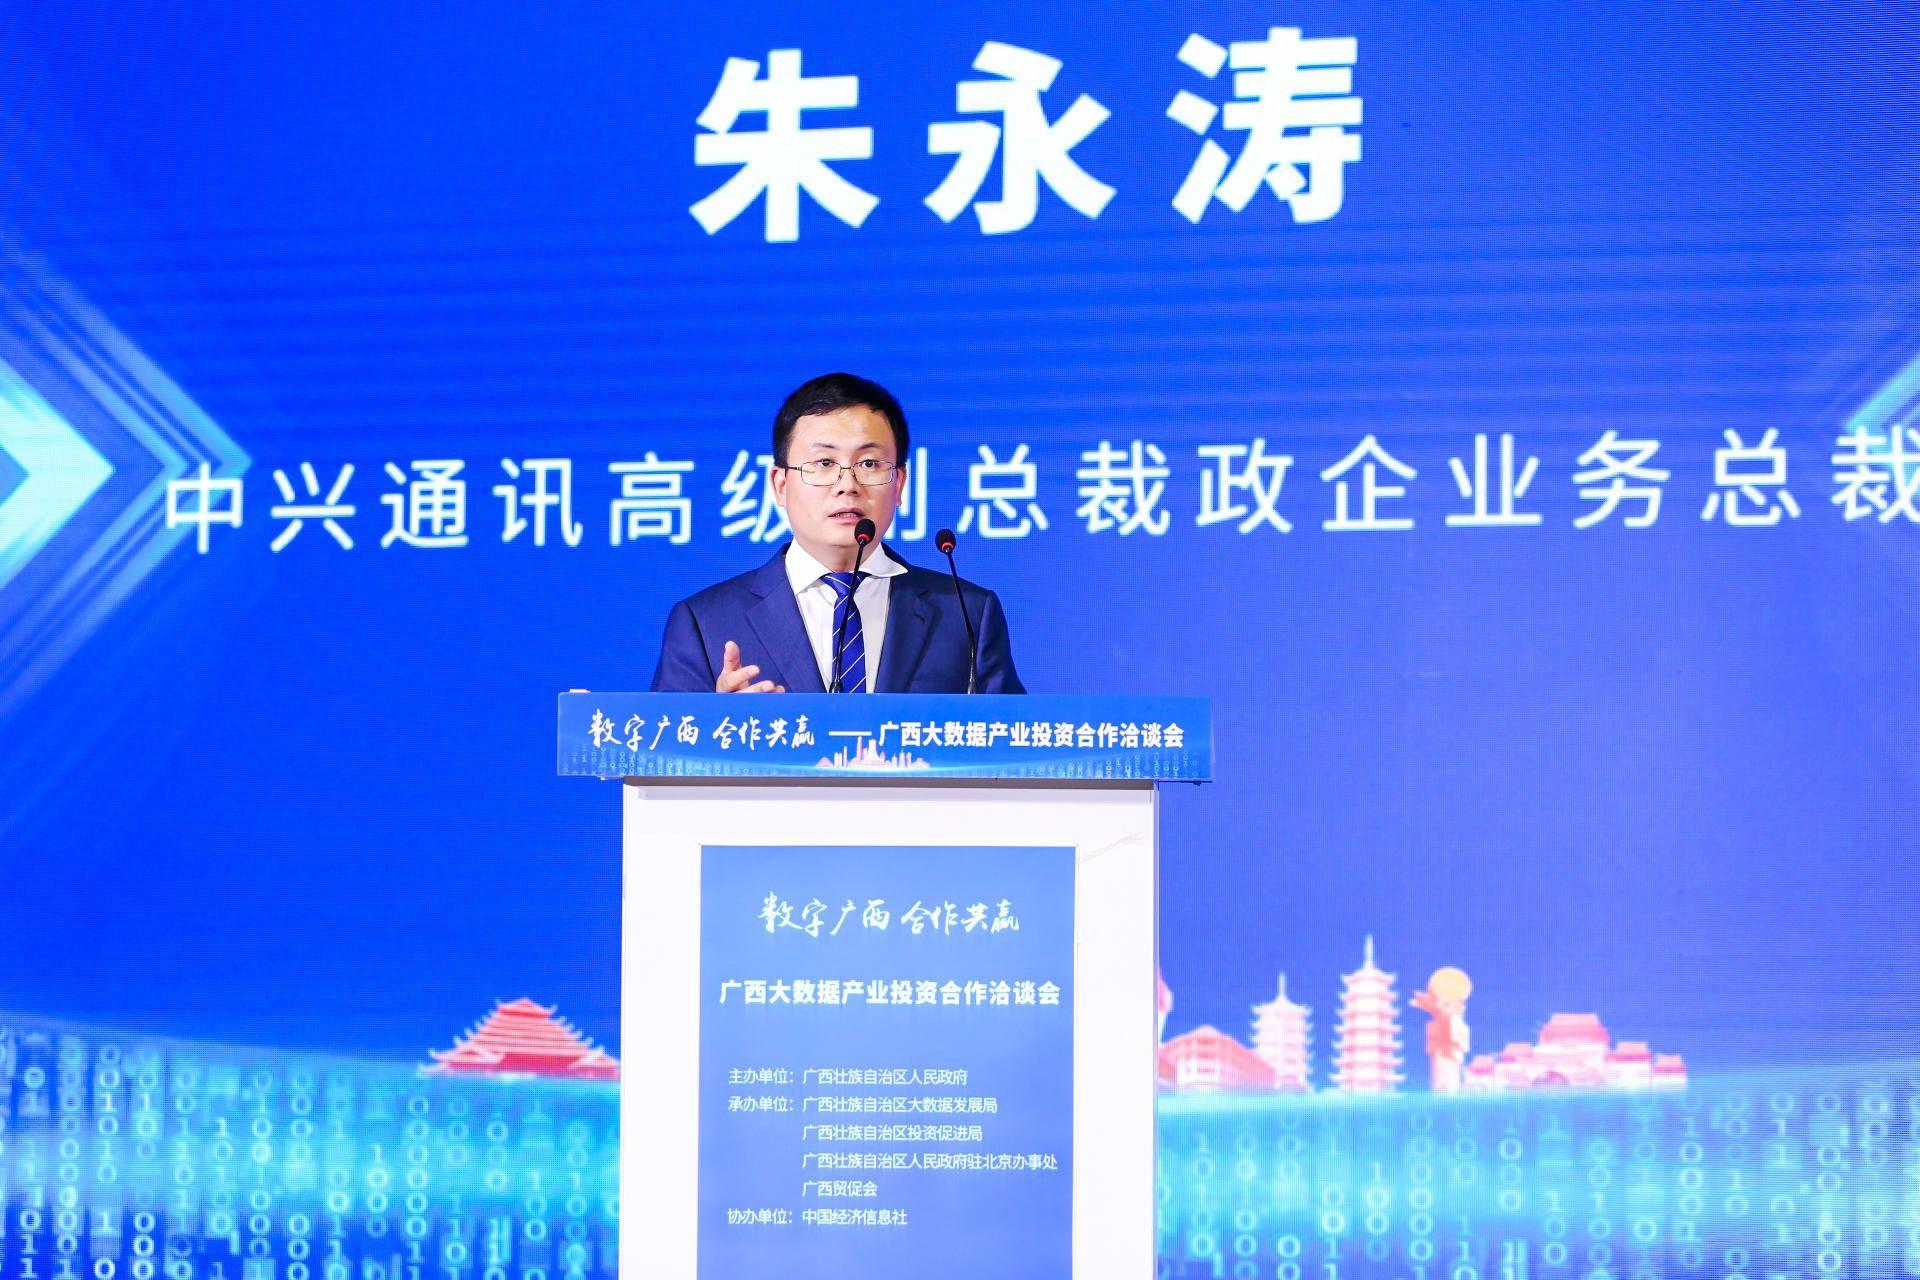 """中兴通讯股份有限公司高级副总裁政企业务总裁朱永涛,就""""创新合作   共建数字广西美好未来""""进行路演展示。"""